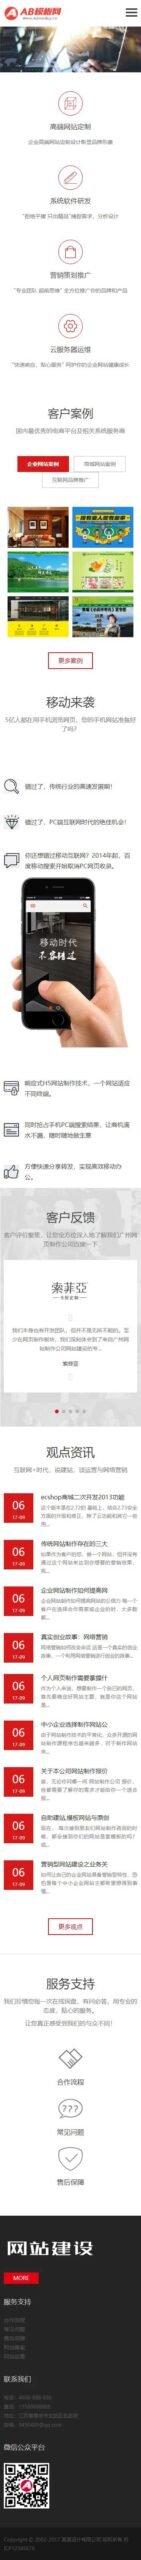 鹤云资源博客-红色响应式网络建设企业网站织梦dede模板源码[自适应手机版]插图1